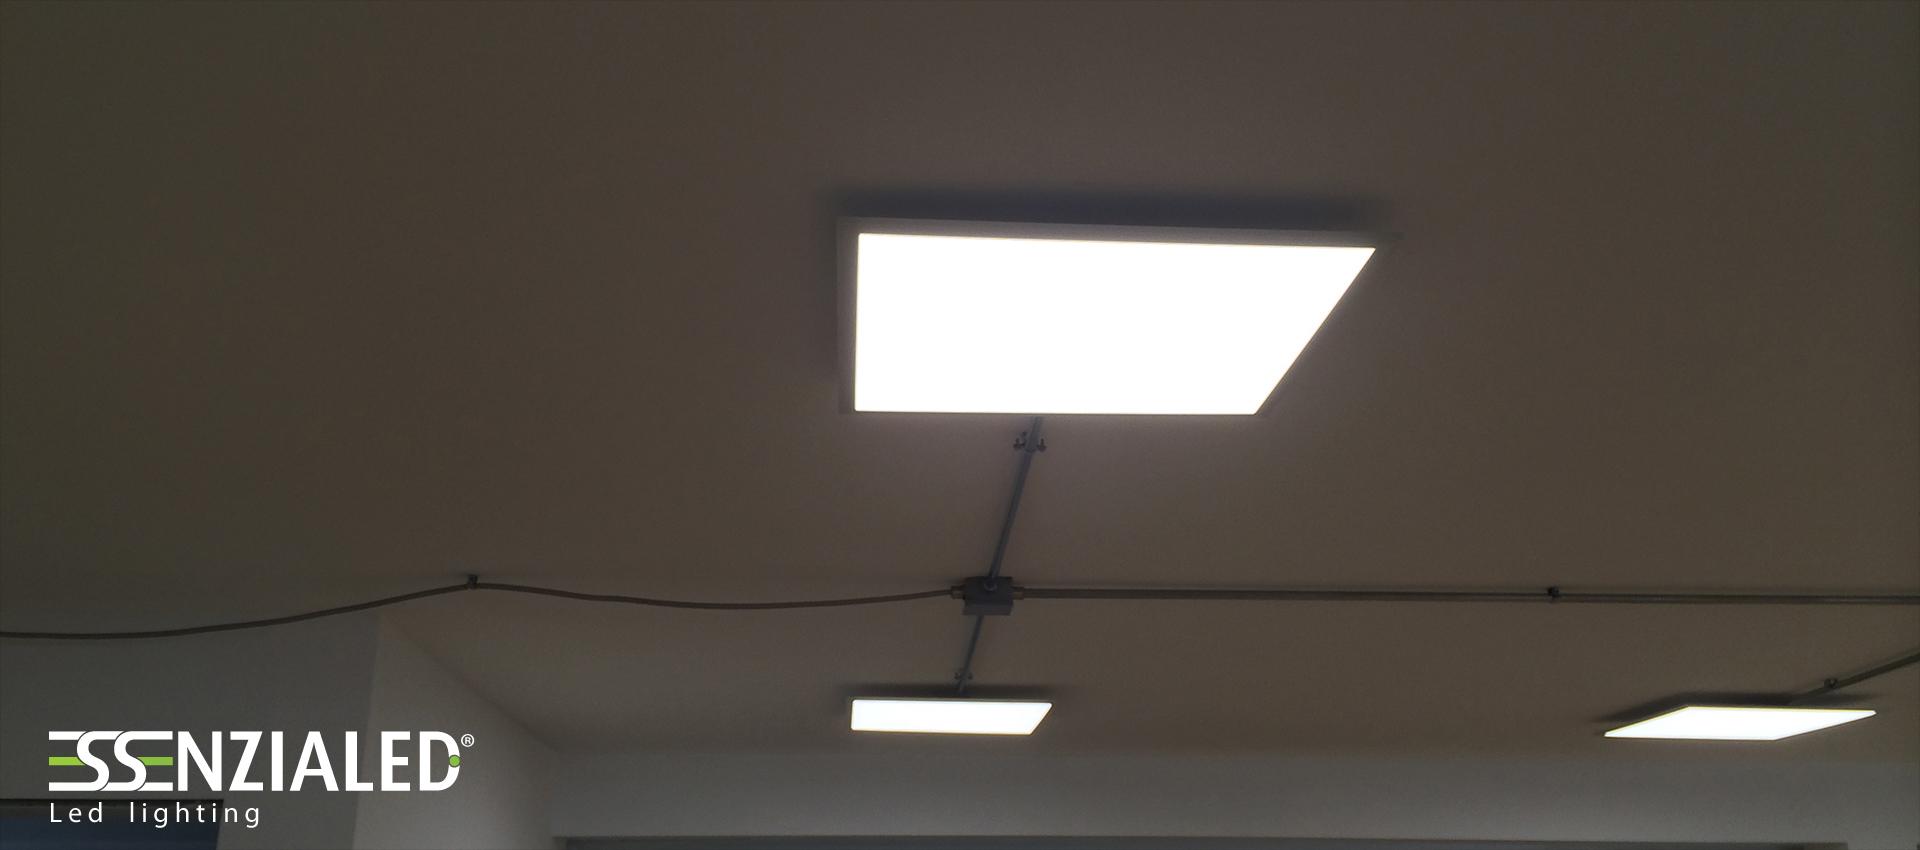 Plafoniere A Led Sottili Per Uffici Essenzialed Illuminazione A